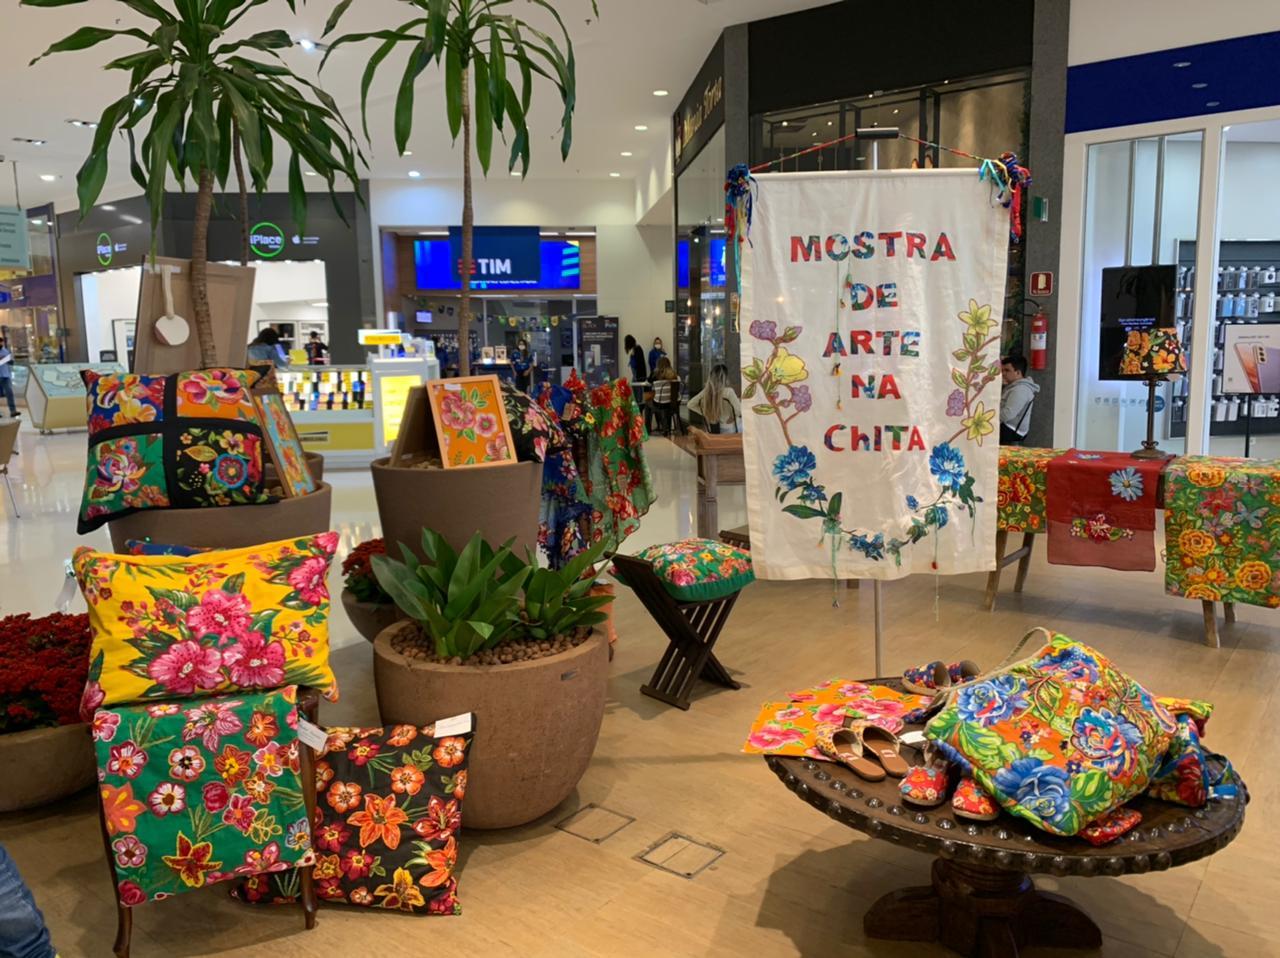 Shopping Uberaba promove Arte na Chita